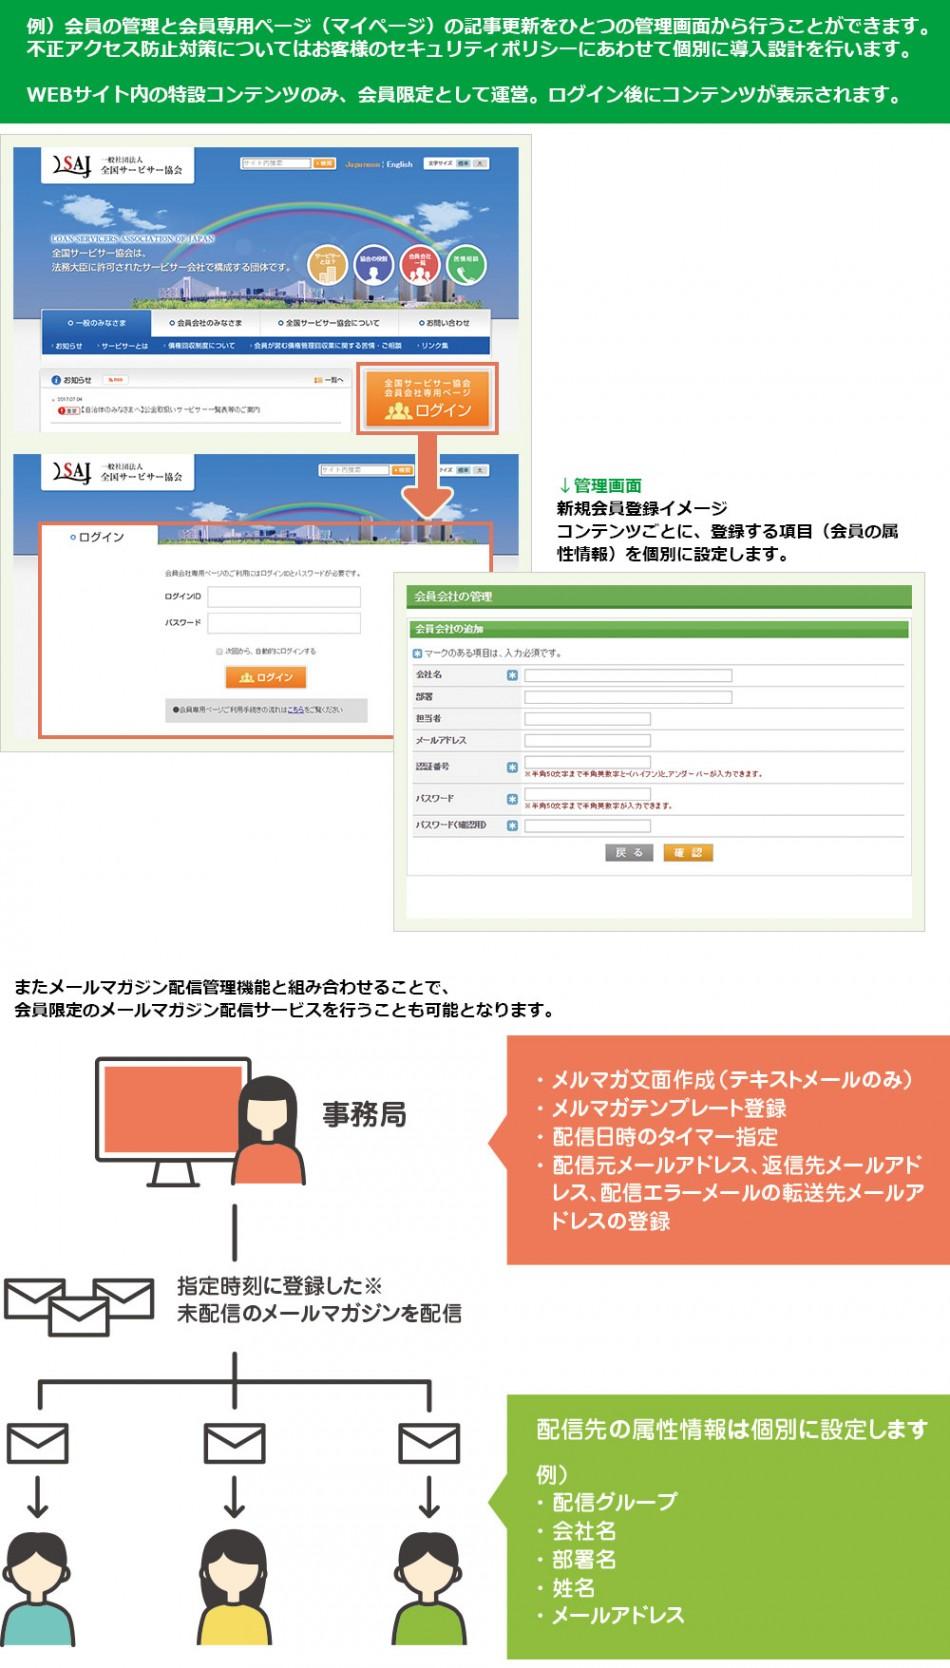 オークCMS会員管理製品詳細2